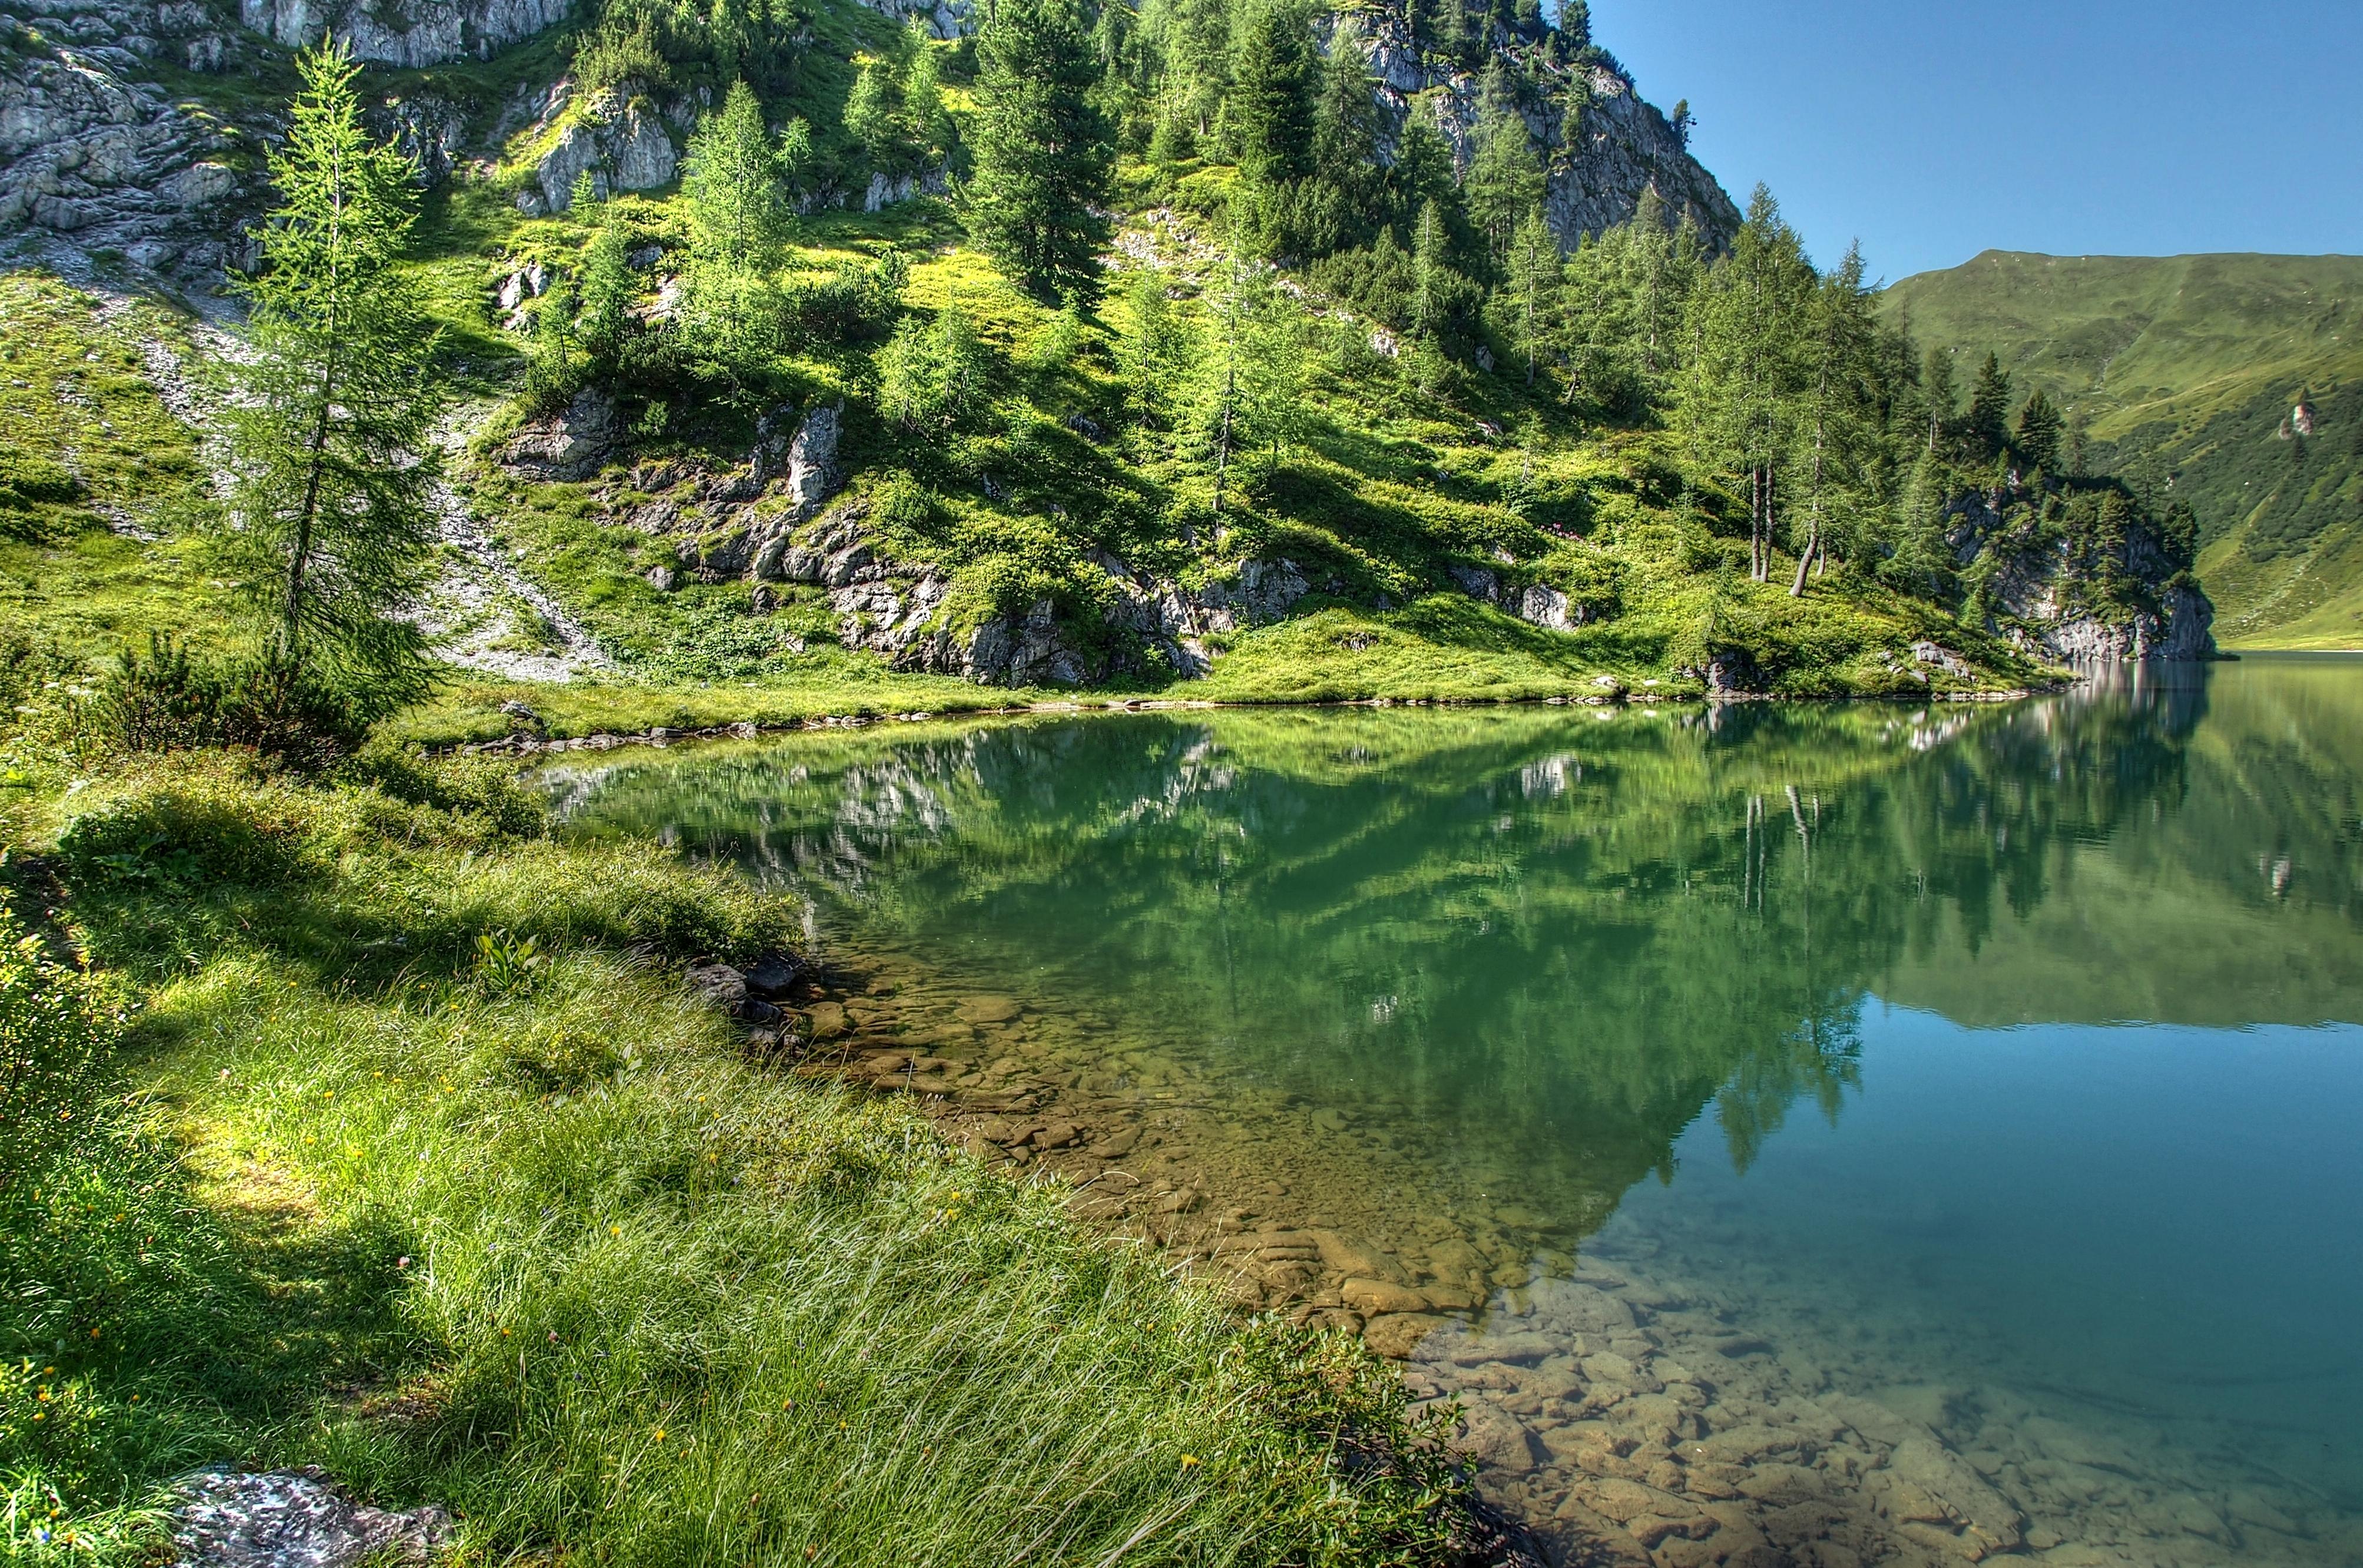 142511 завантажити шпалери Пейзаж, Природа, Гори, Озеро - заставки і картинки безкоштовно